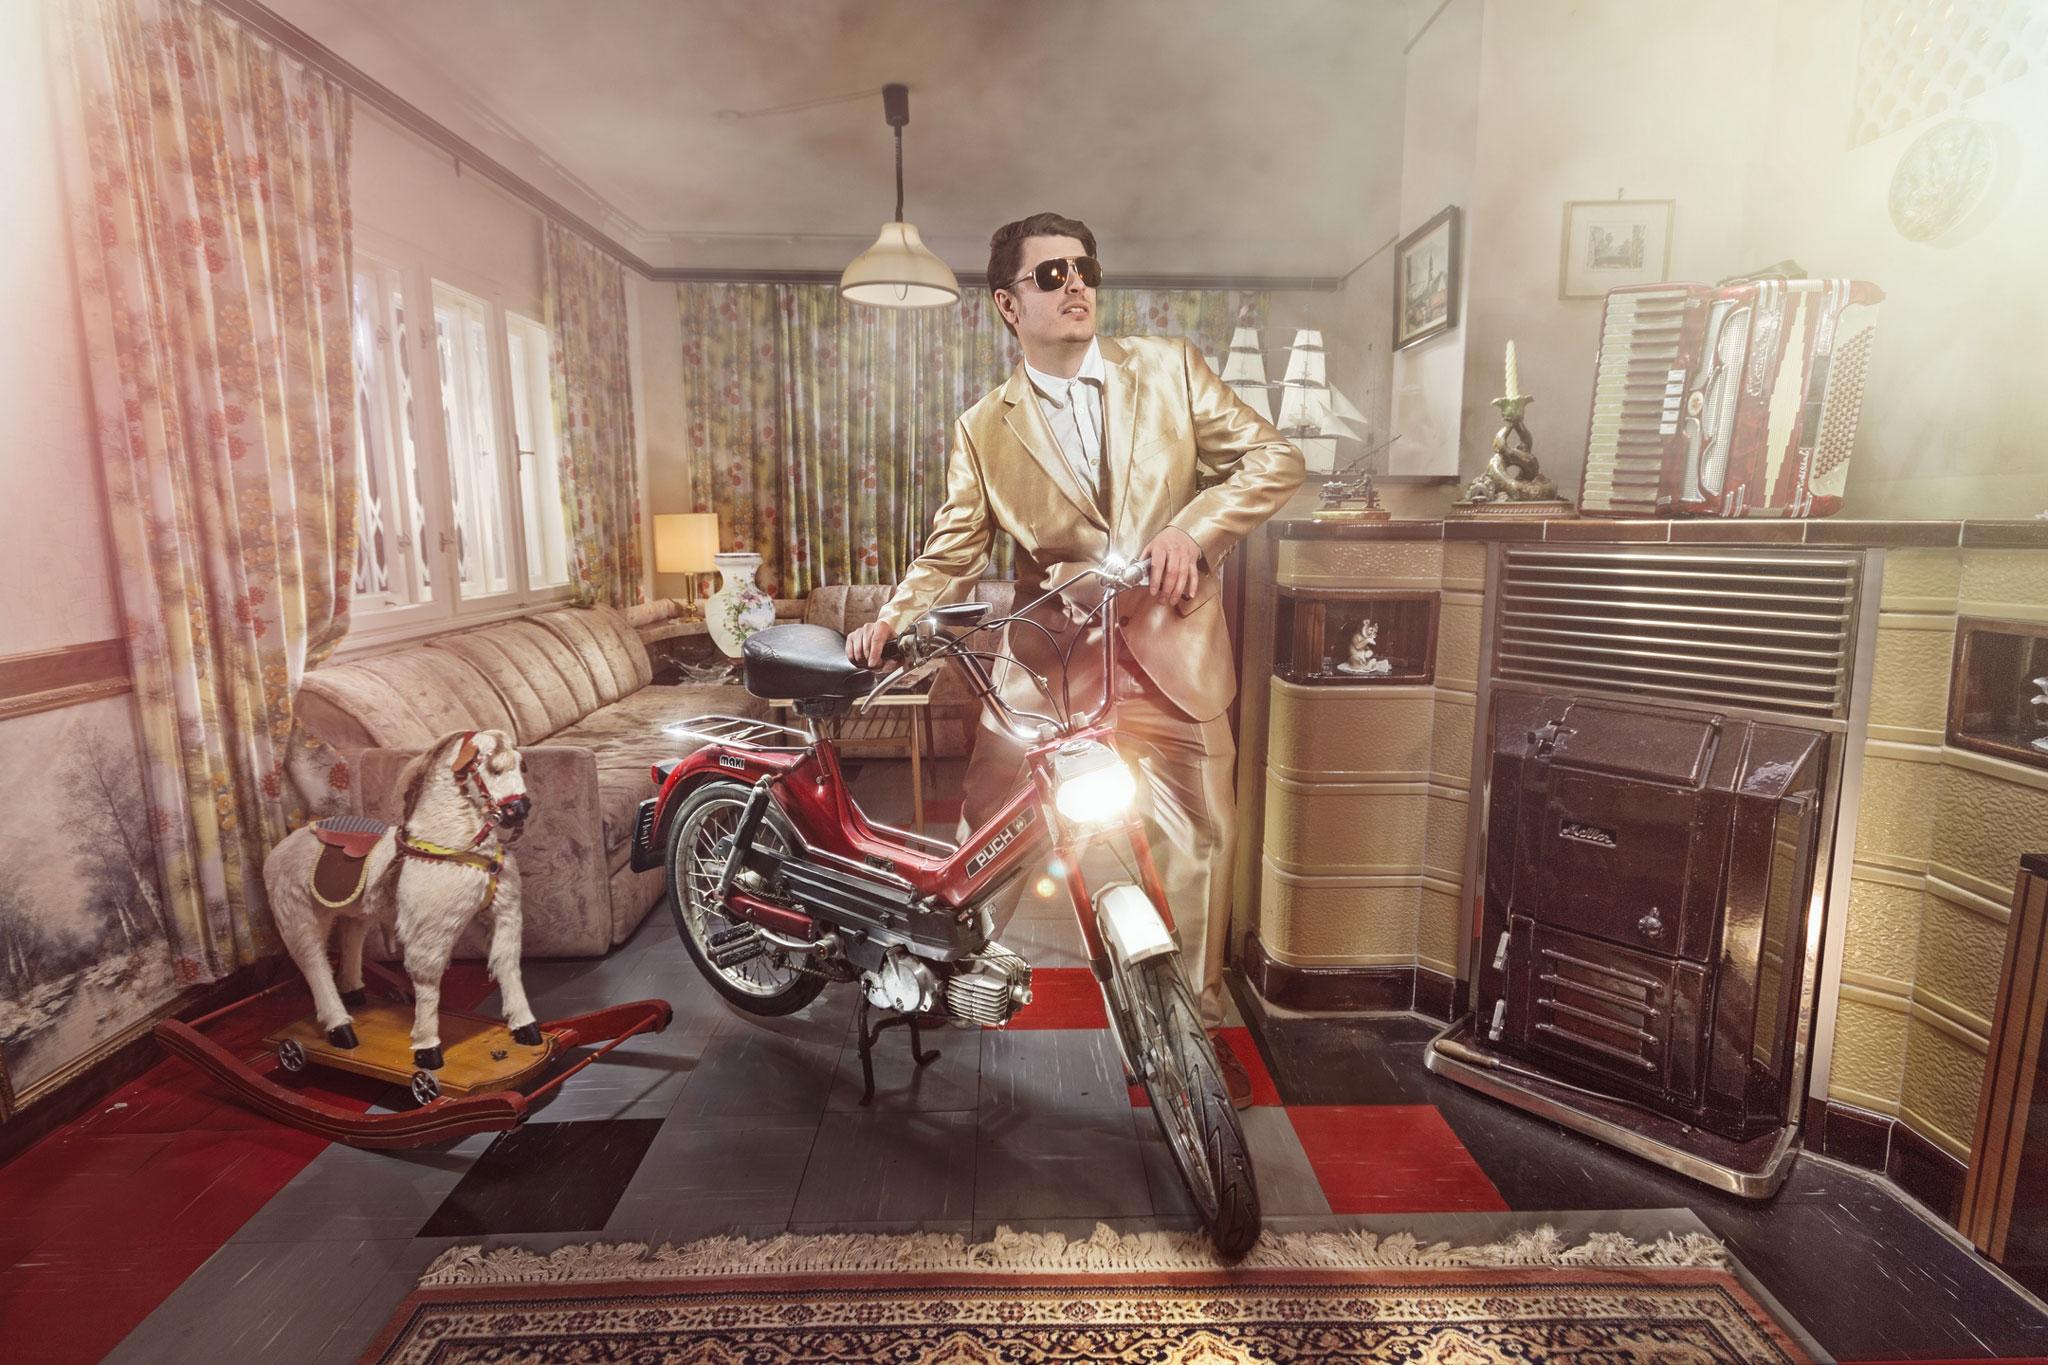 Schlager-Pop-Star Gutlauninger mit seiner feuerroten Puch Maxi 50 in seinem goldenen Wohnzimmer